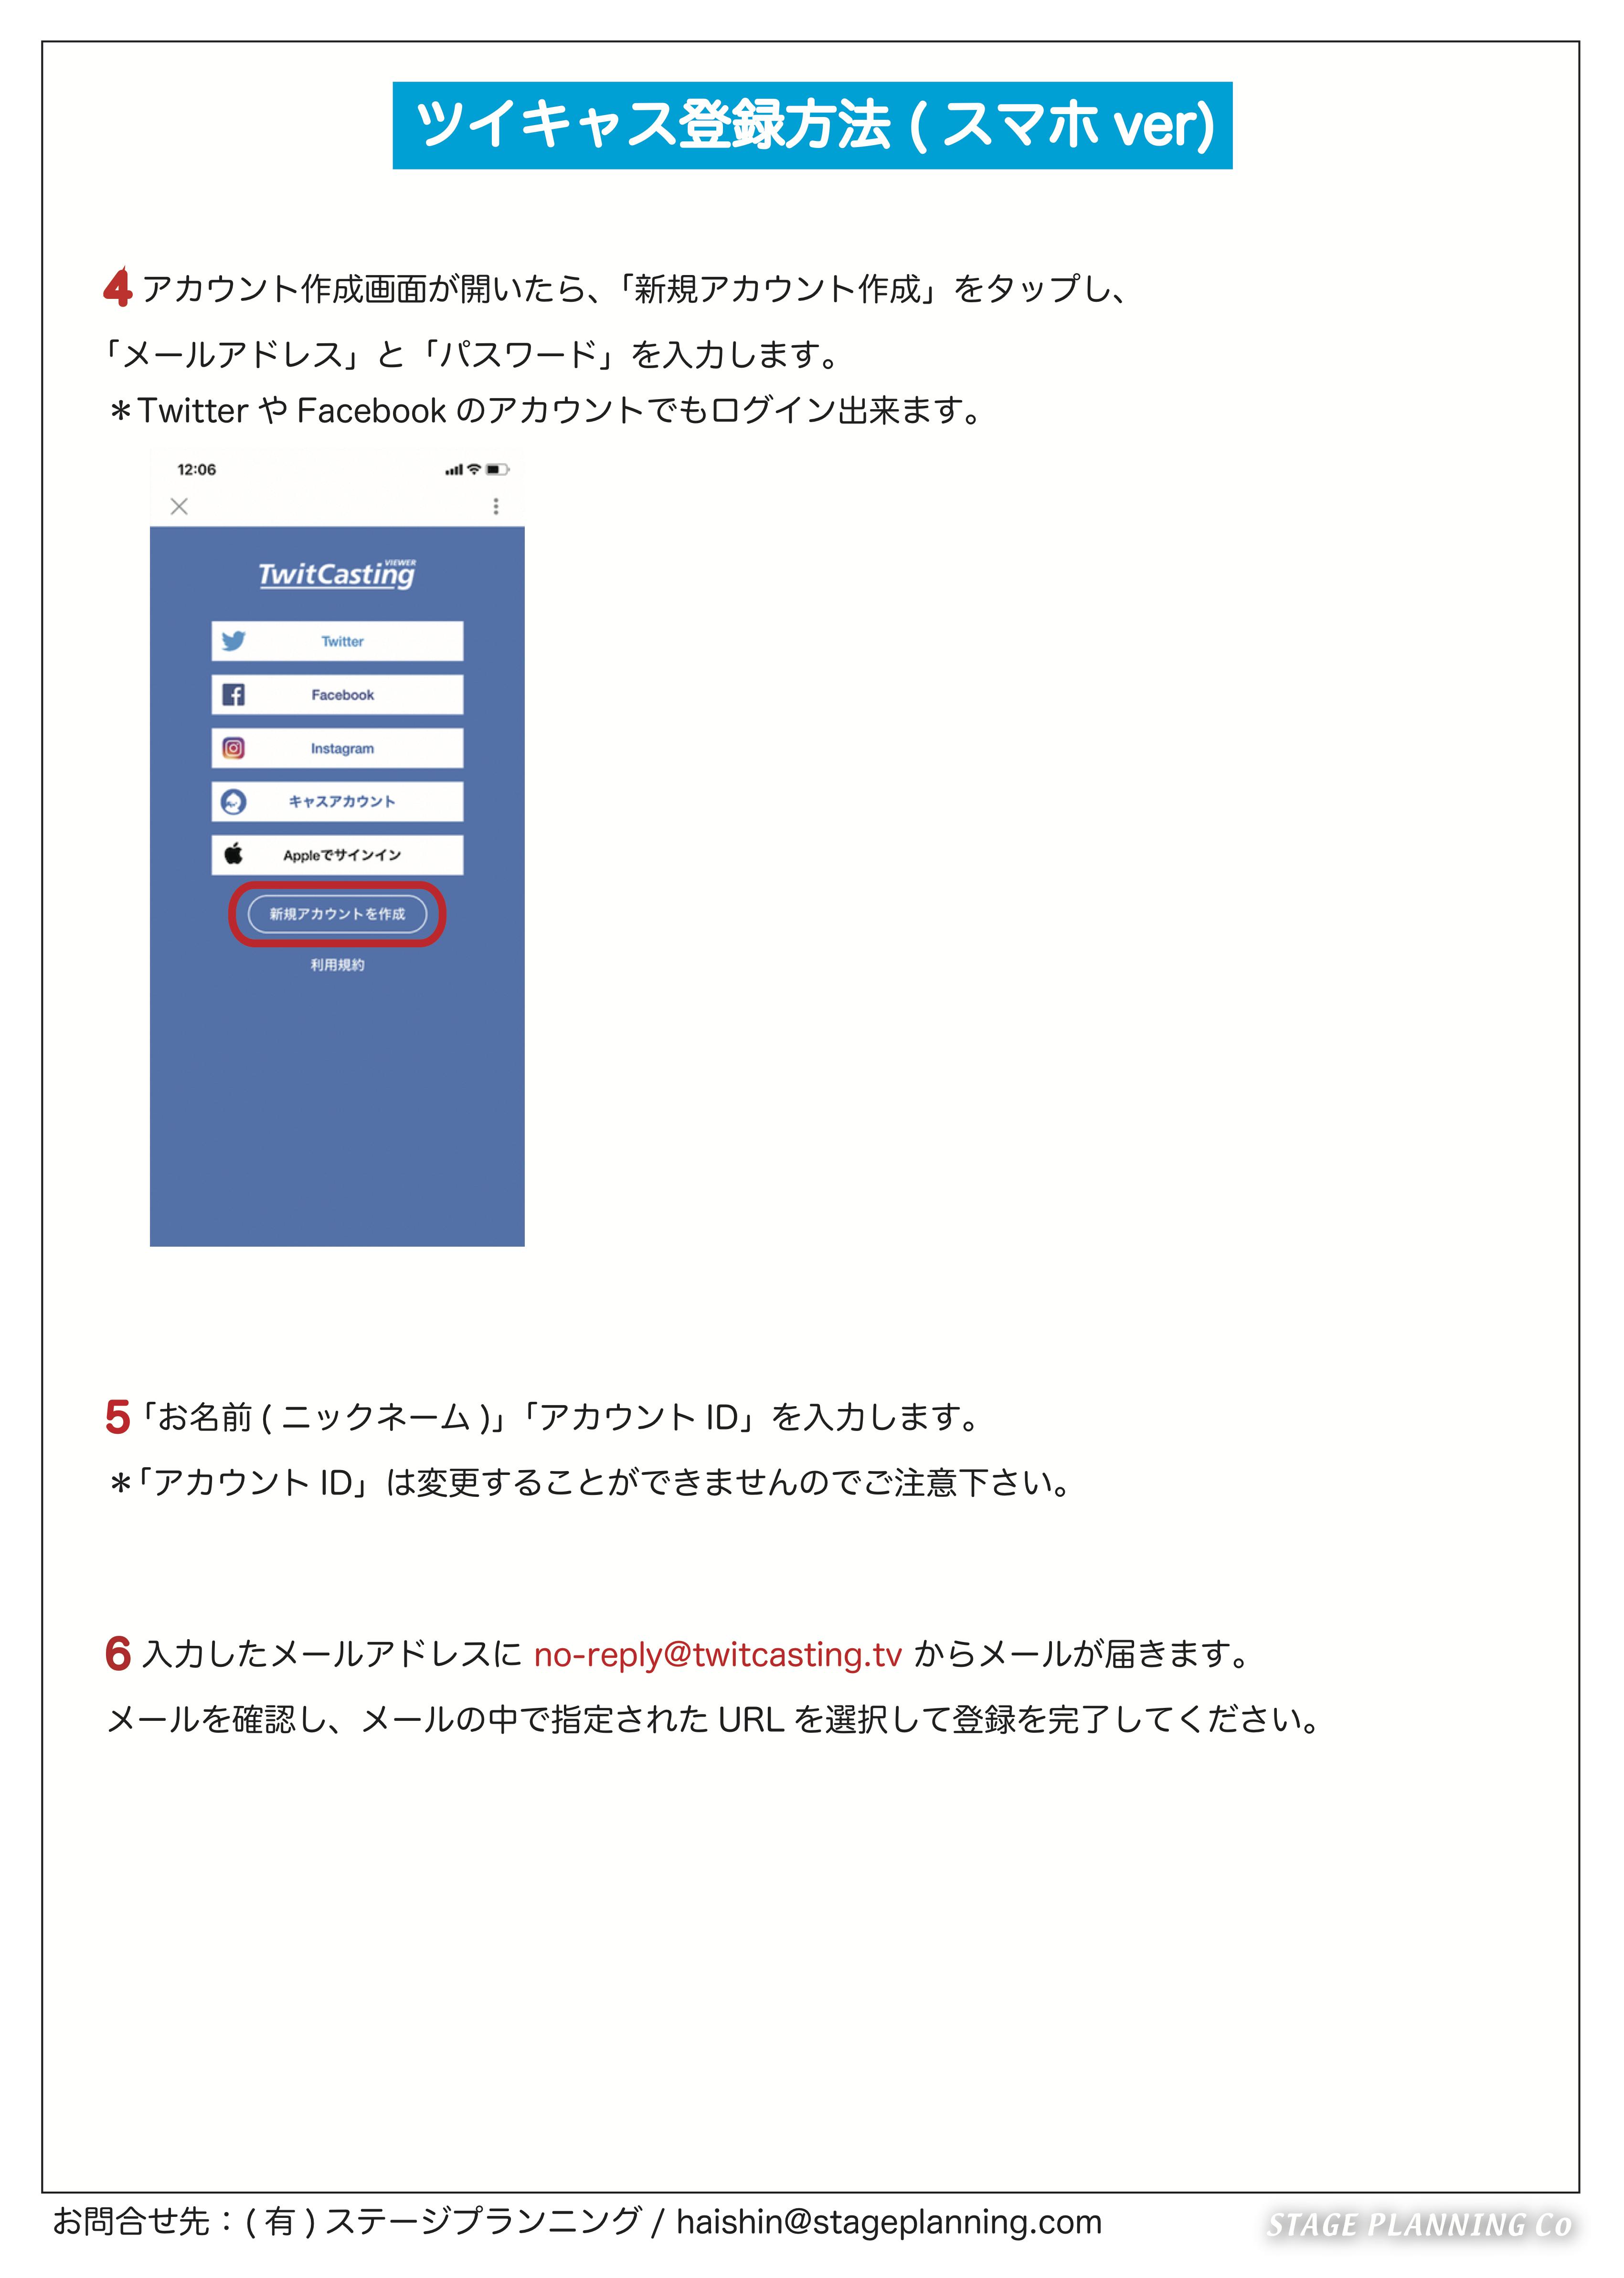 ツイキャス登録~購入方法 スマホver-1(ドラッグされました) 2